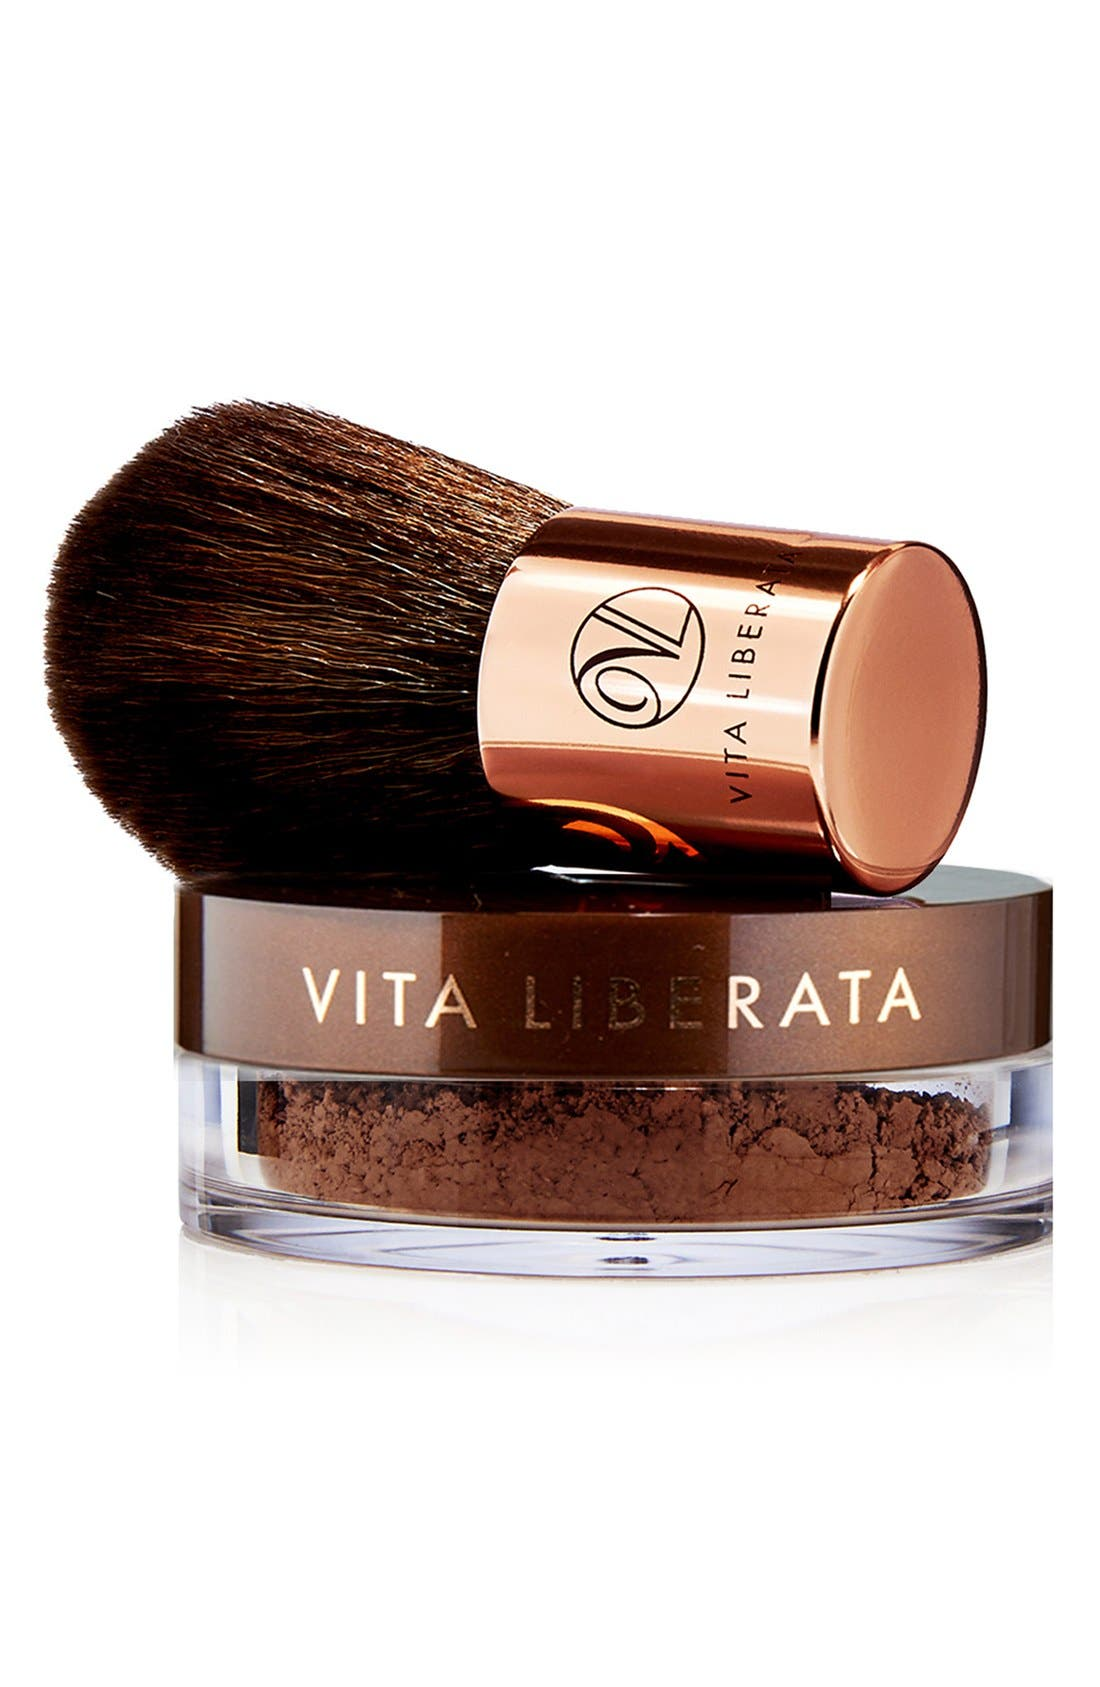 VITA LIBERATA Trystal™ Minerals Bronze Self Tanning Bronzing Minerals & Kabuki Brush